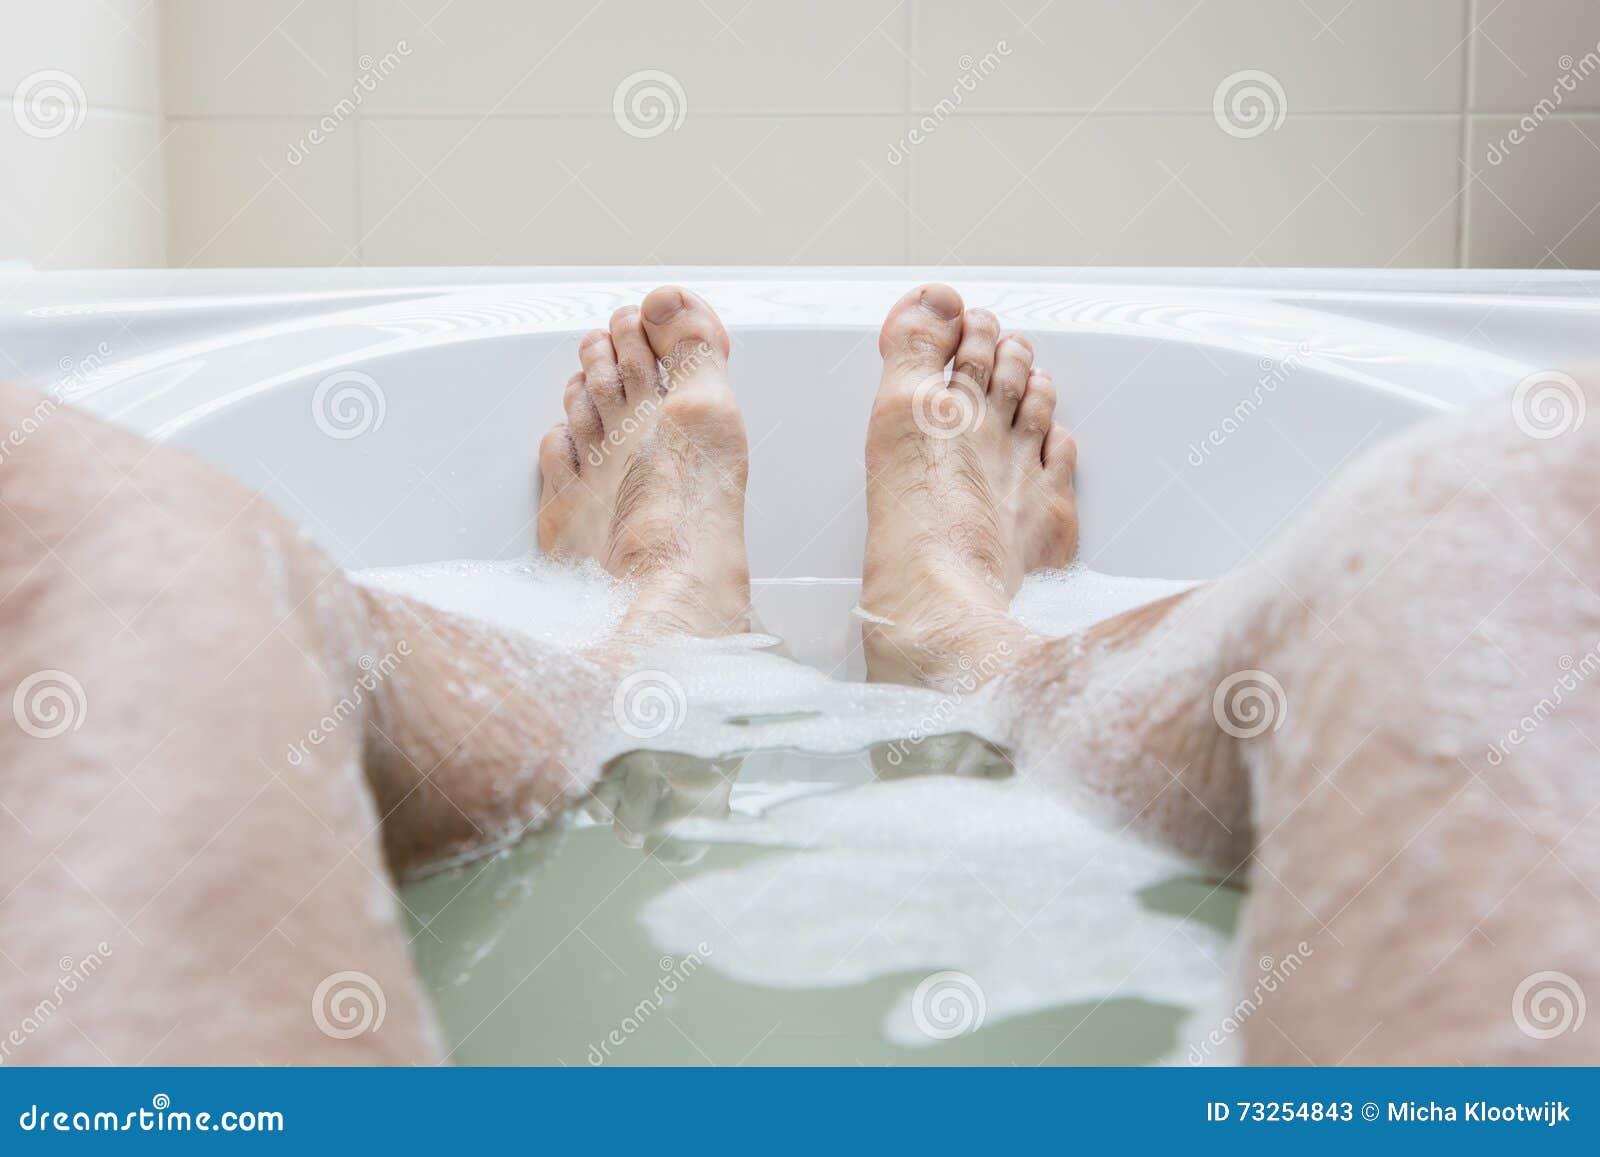 Ноги в ванне фото — 10